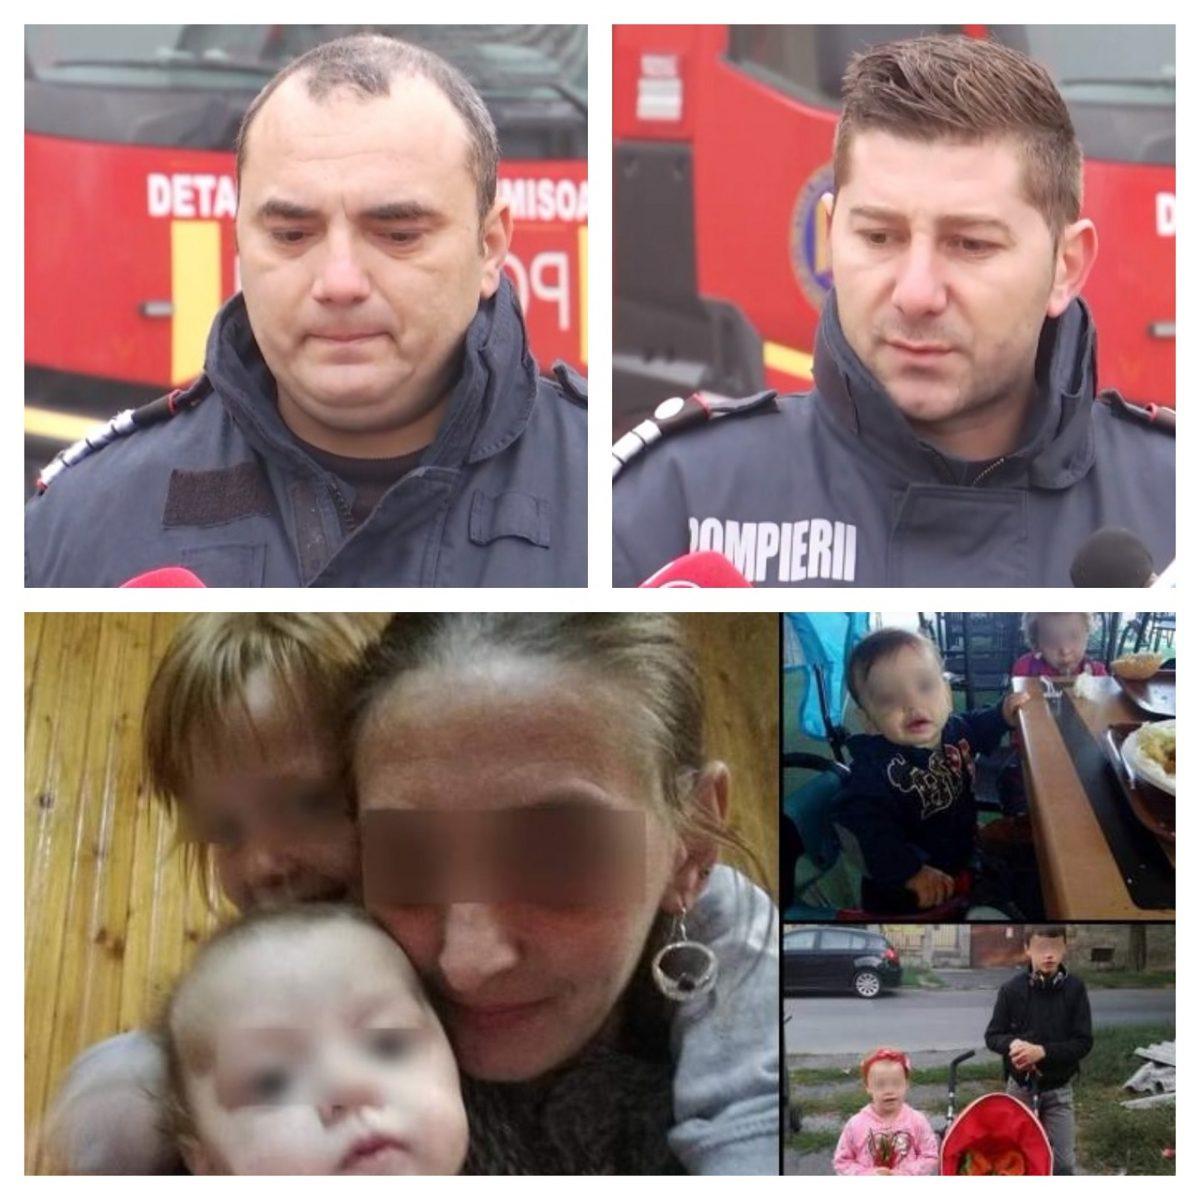 """Pompierii care i-au găsit pe cei patru fraţi arşi în casă, la Timişoara, mărturii tulburătoare: """"Speram să-i găsim în viaţă"""""""